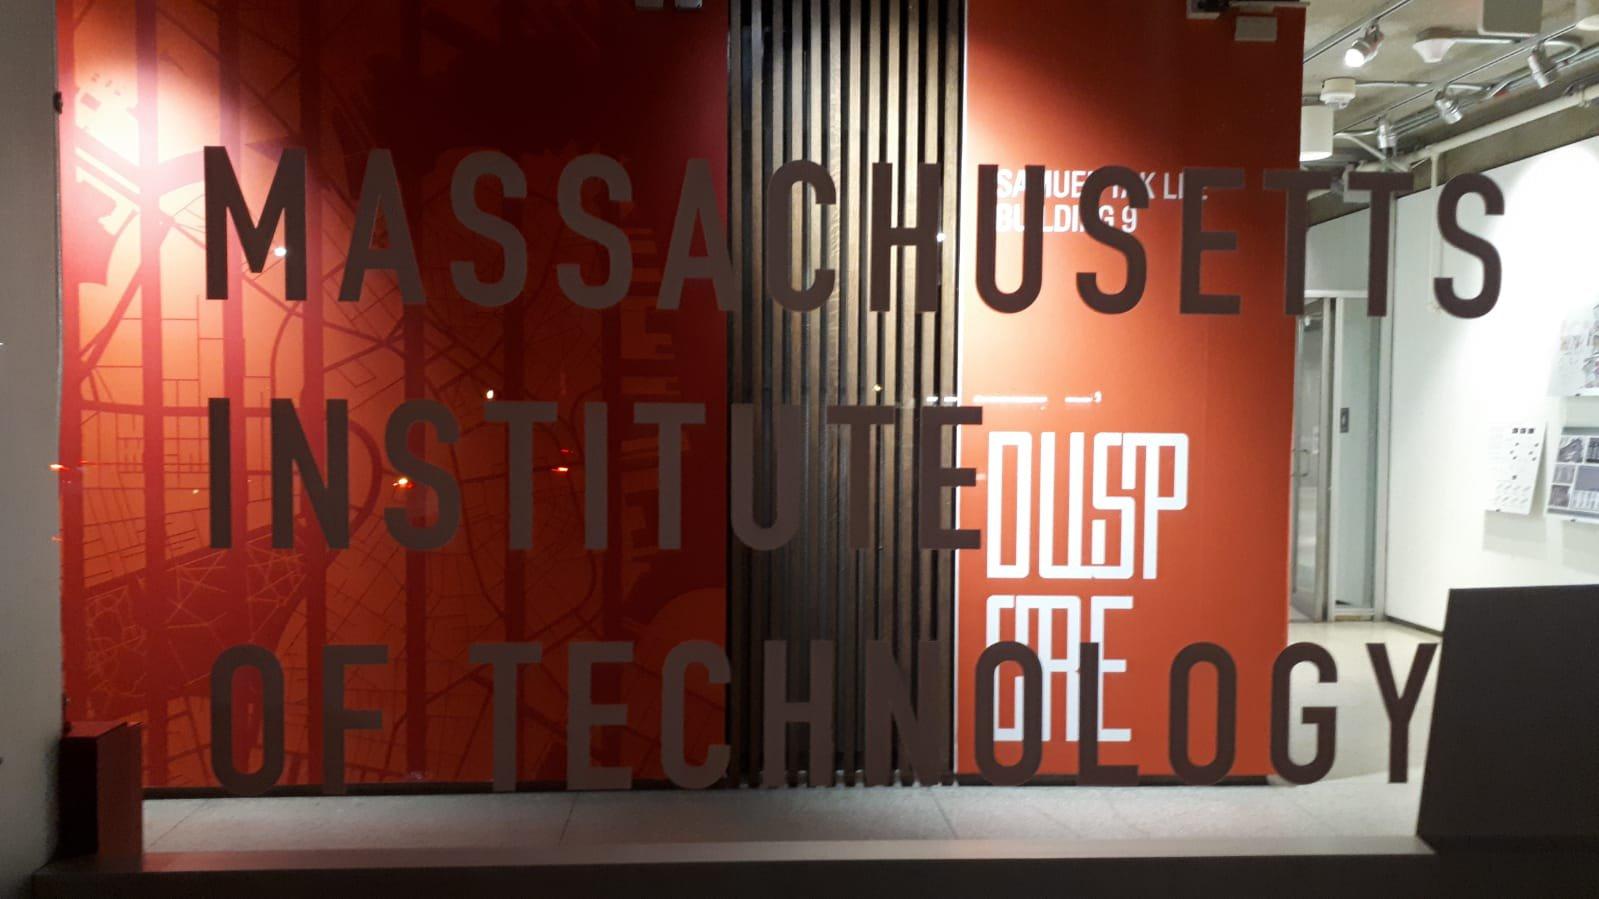 Boston incontri servizi Mumbai incontri femminili